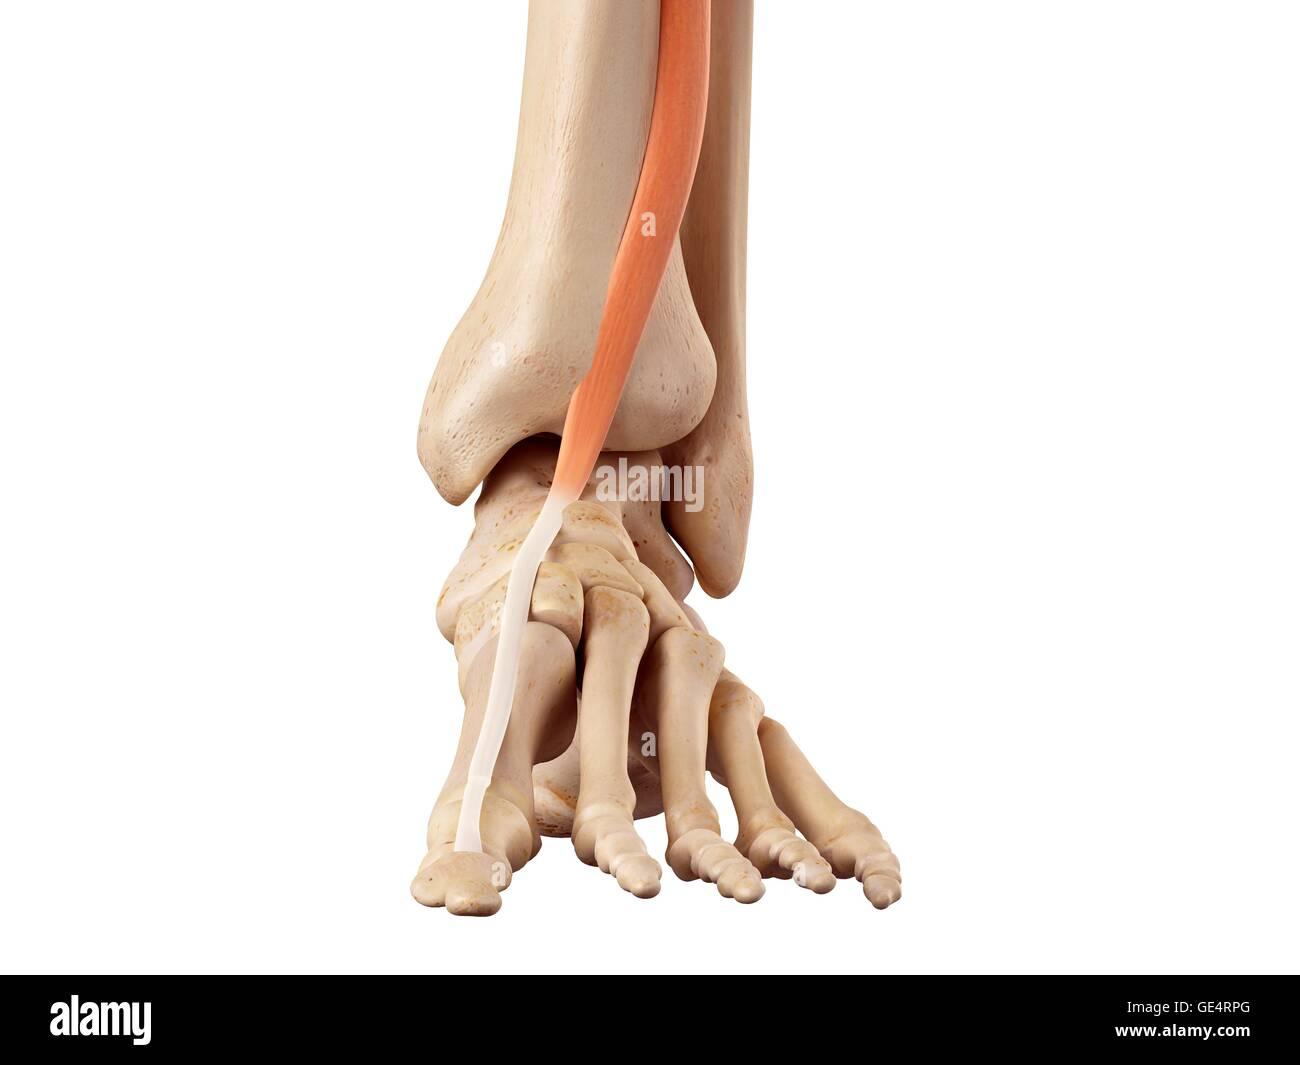 Fantastisch Anatomie Der Oberschenkelmuskulatur Und Sehnen Ideen ...